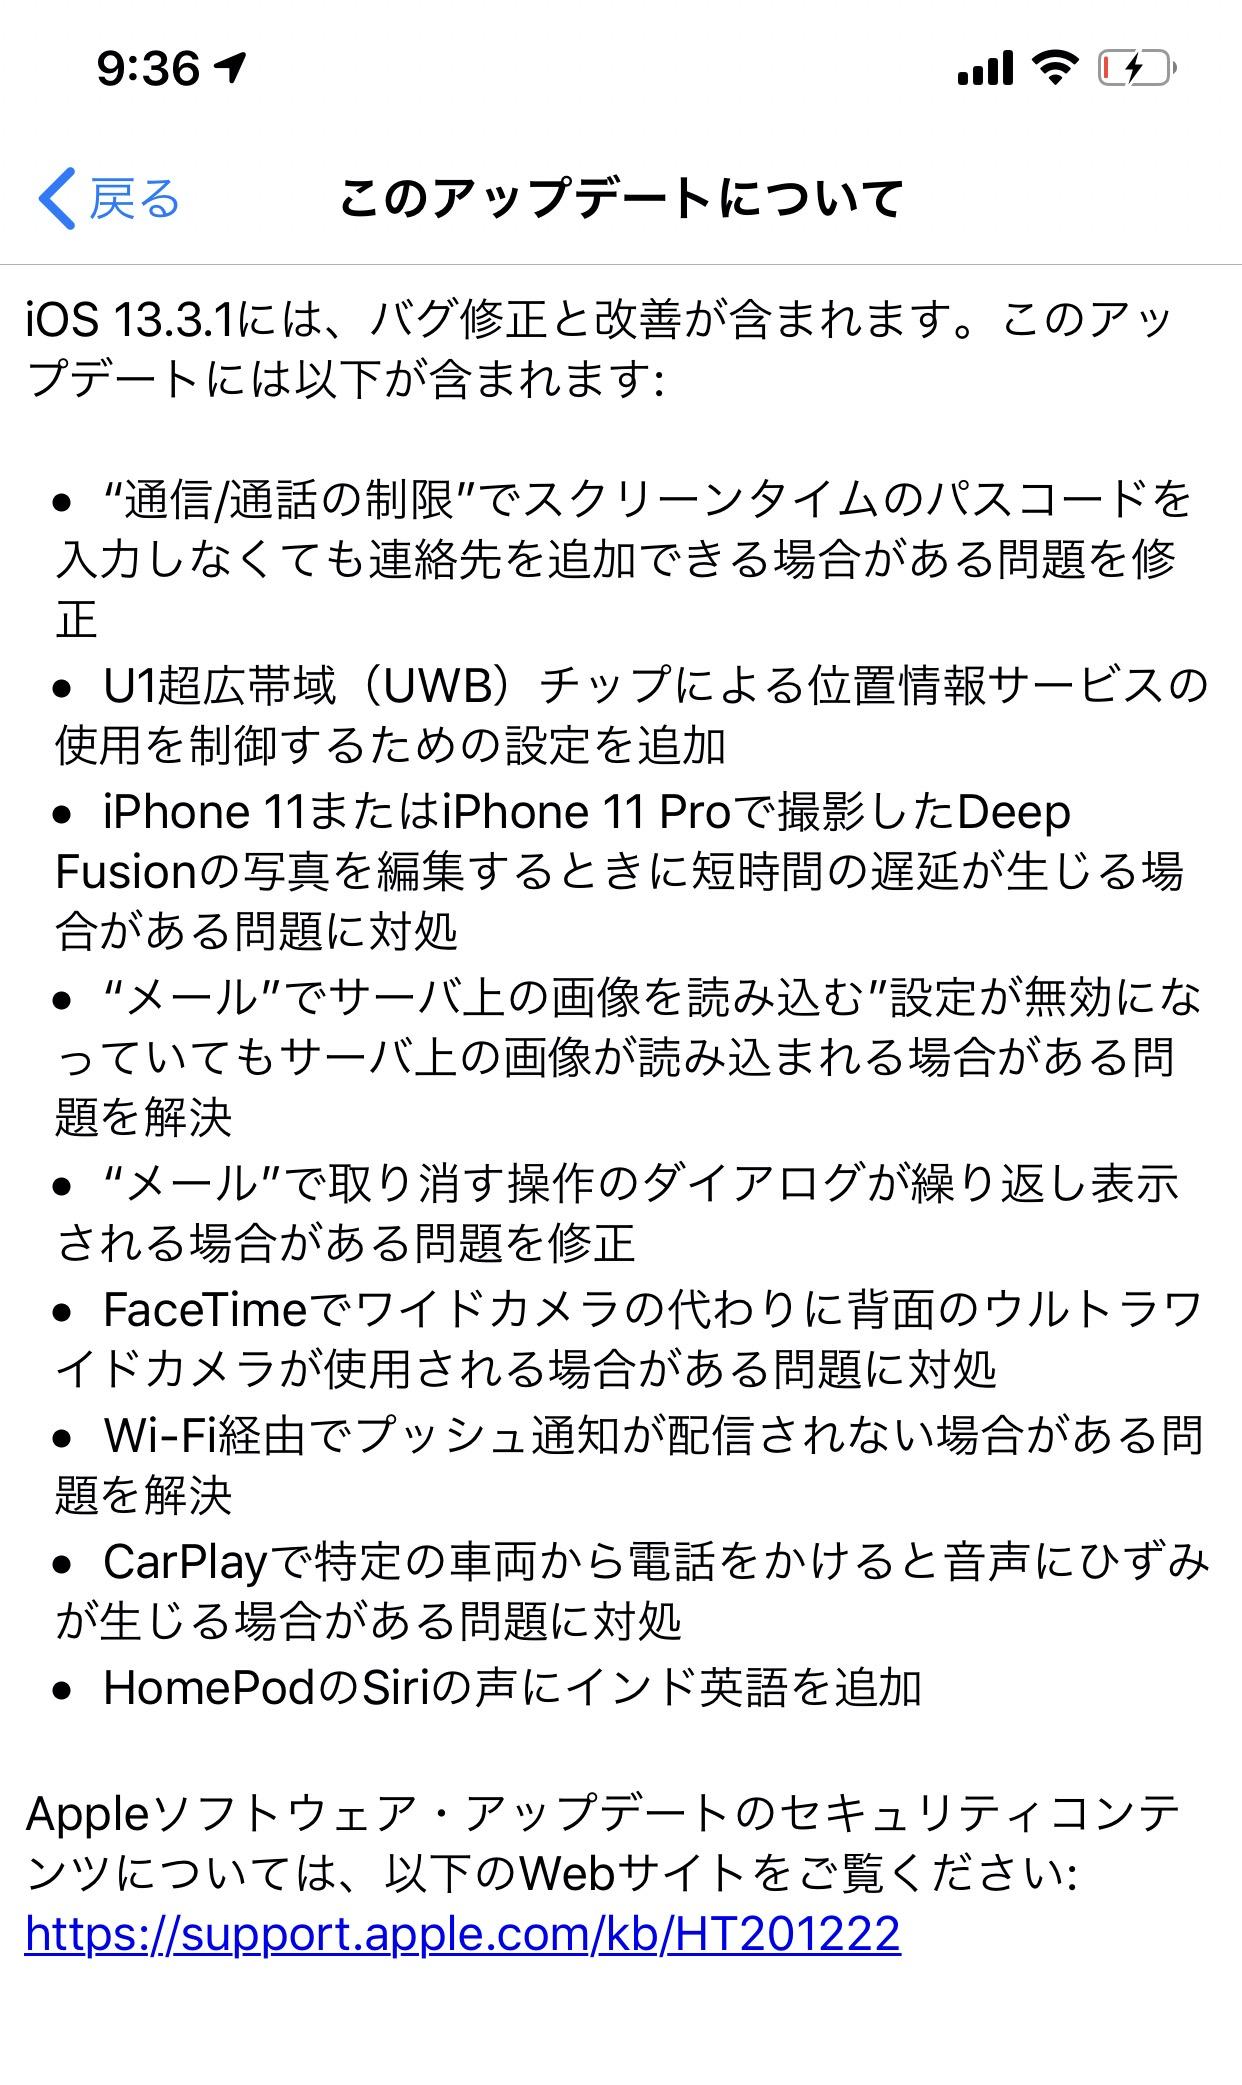 【iOS 13】バグ修正と改善を含む「iOS 13.1.1 ソフトウェアアップデート」リリース